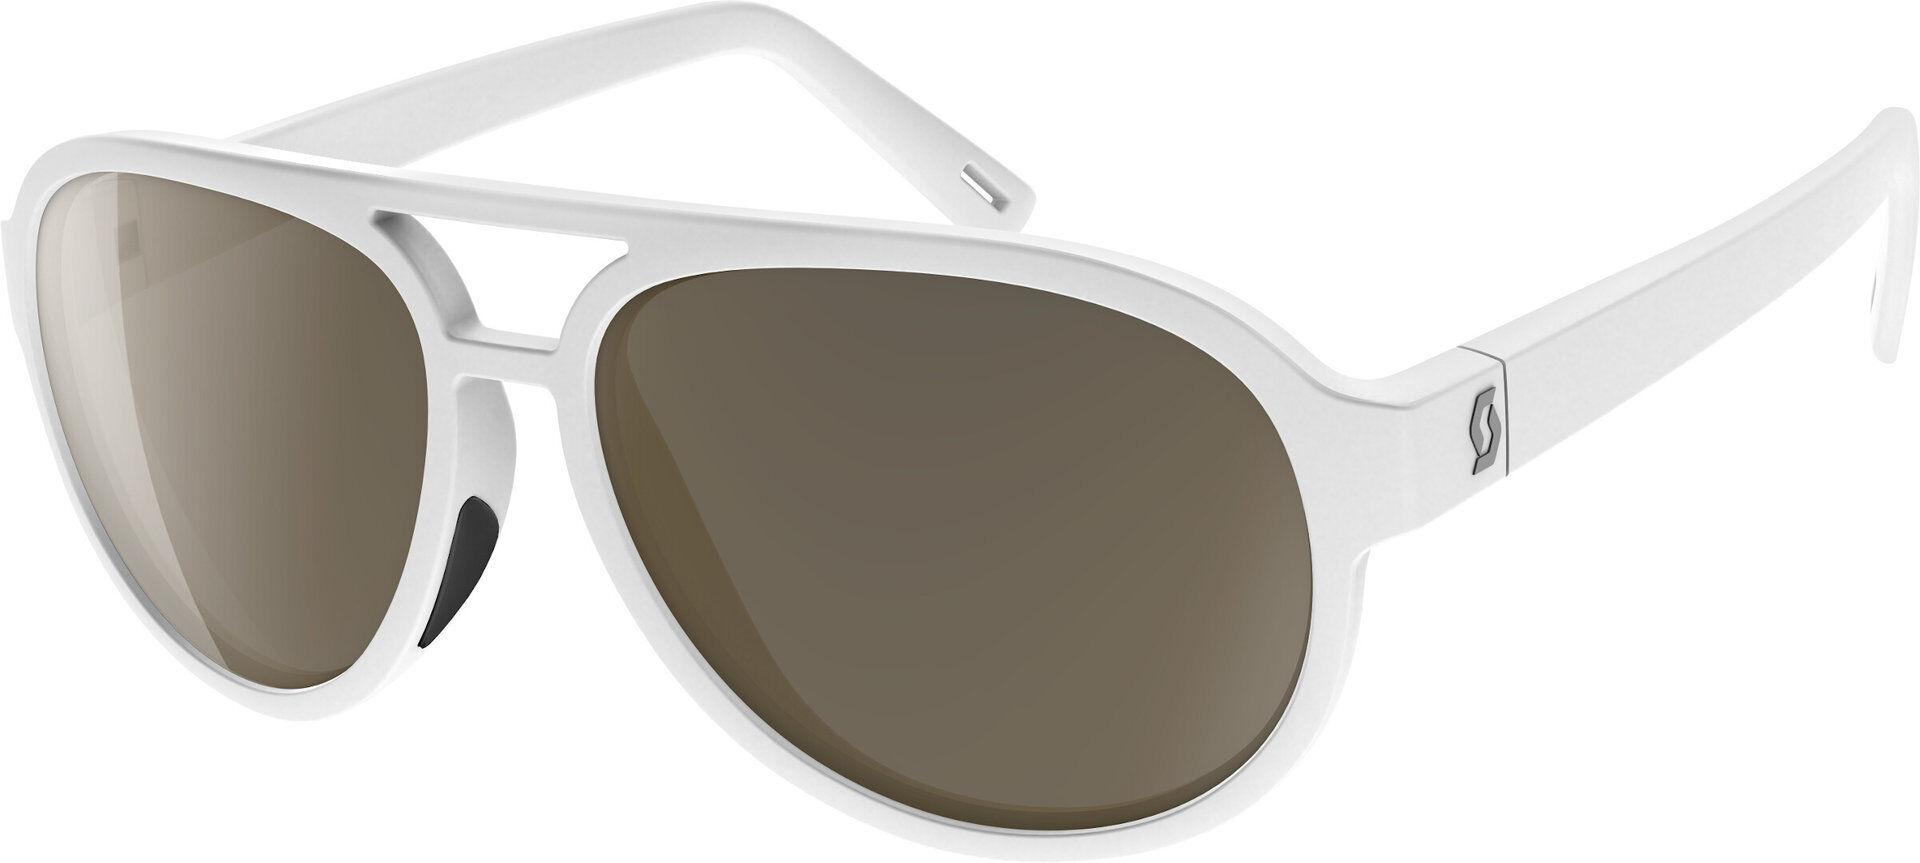 Scott Bass occhiali da sole